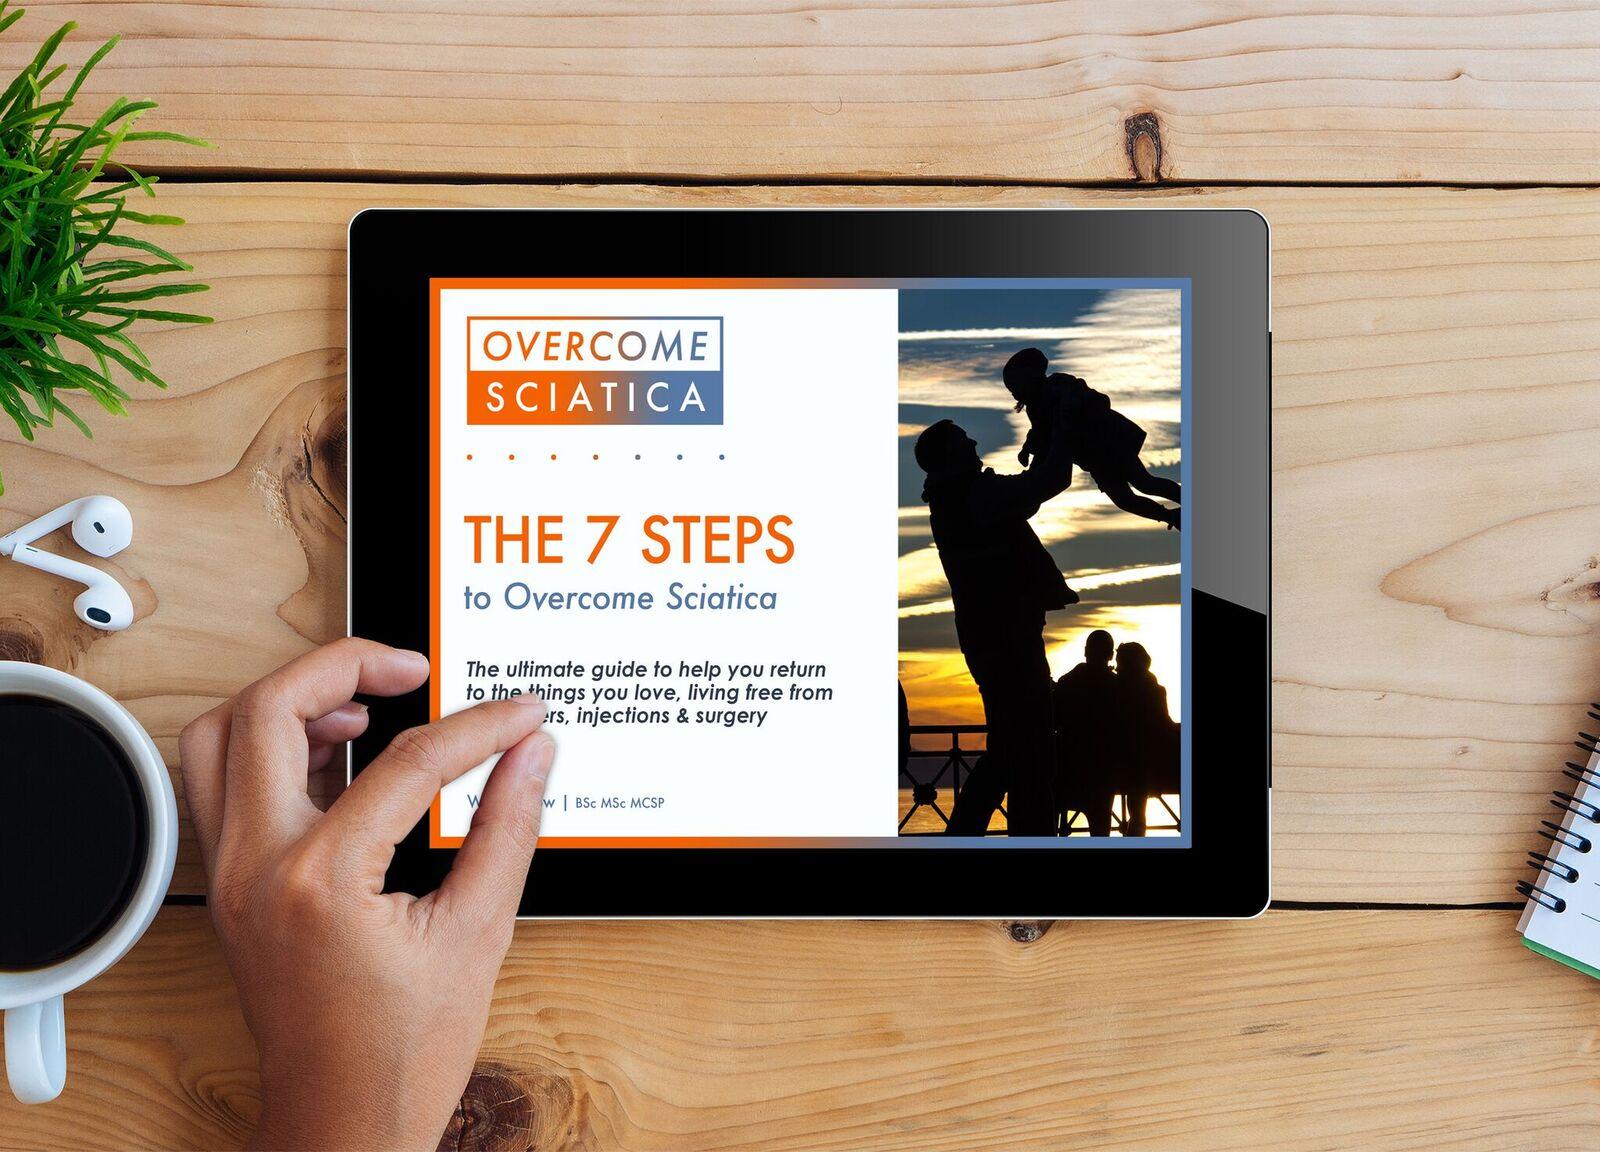 The 7 Steps to overcome sciatica sciatica pain relief